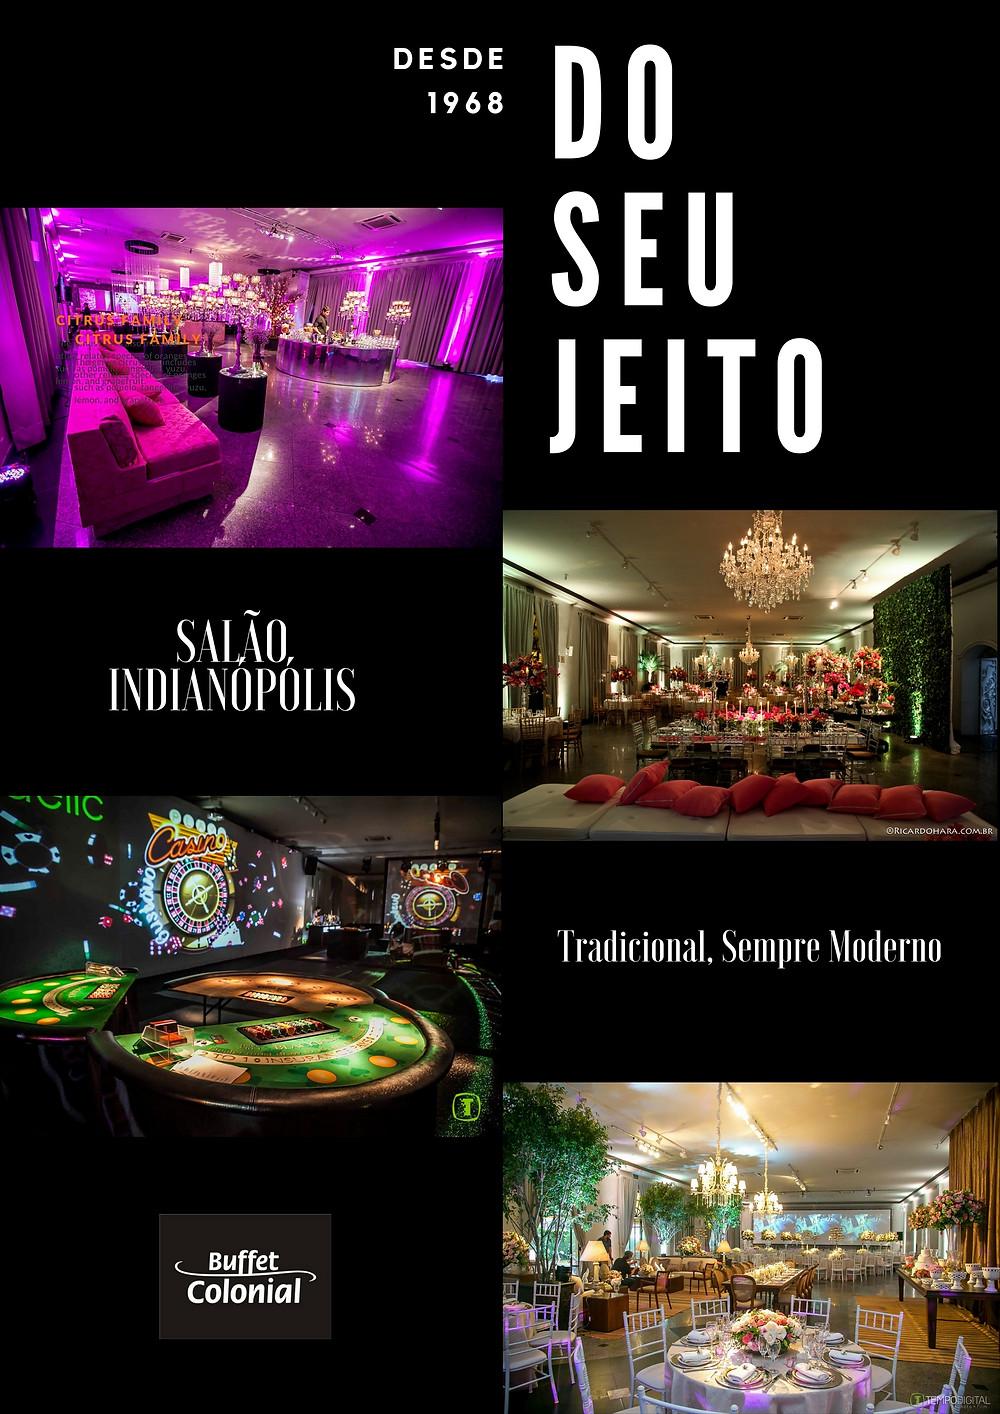 Festa de 15 anos, debutantes, tradicional, buffet para debutantes, espaço de eventos para festa de 15 anos, festa de 15 anos, festa de debutantes